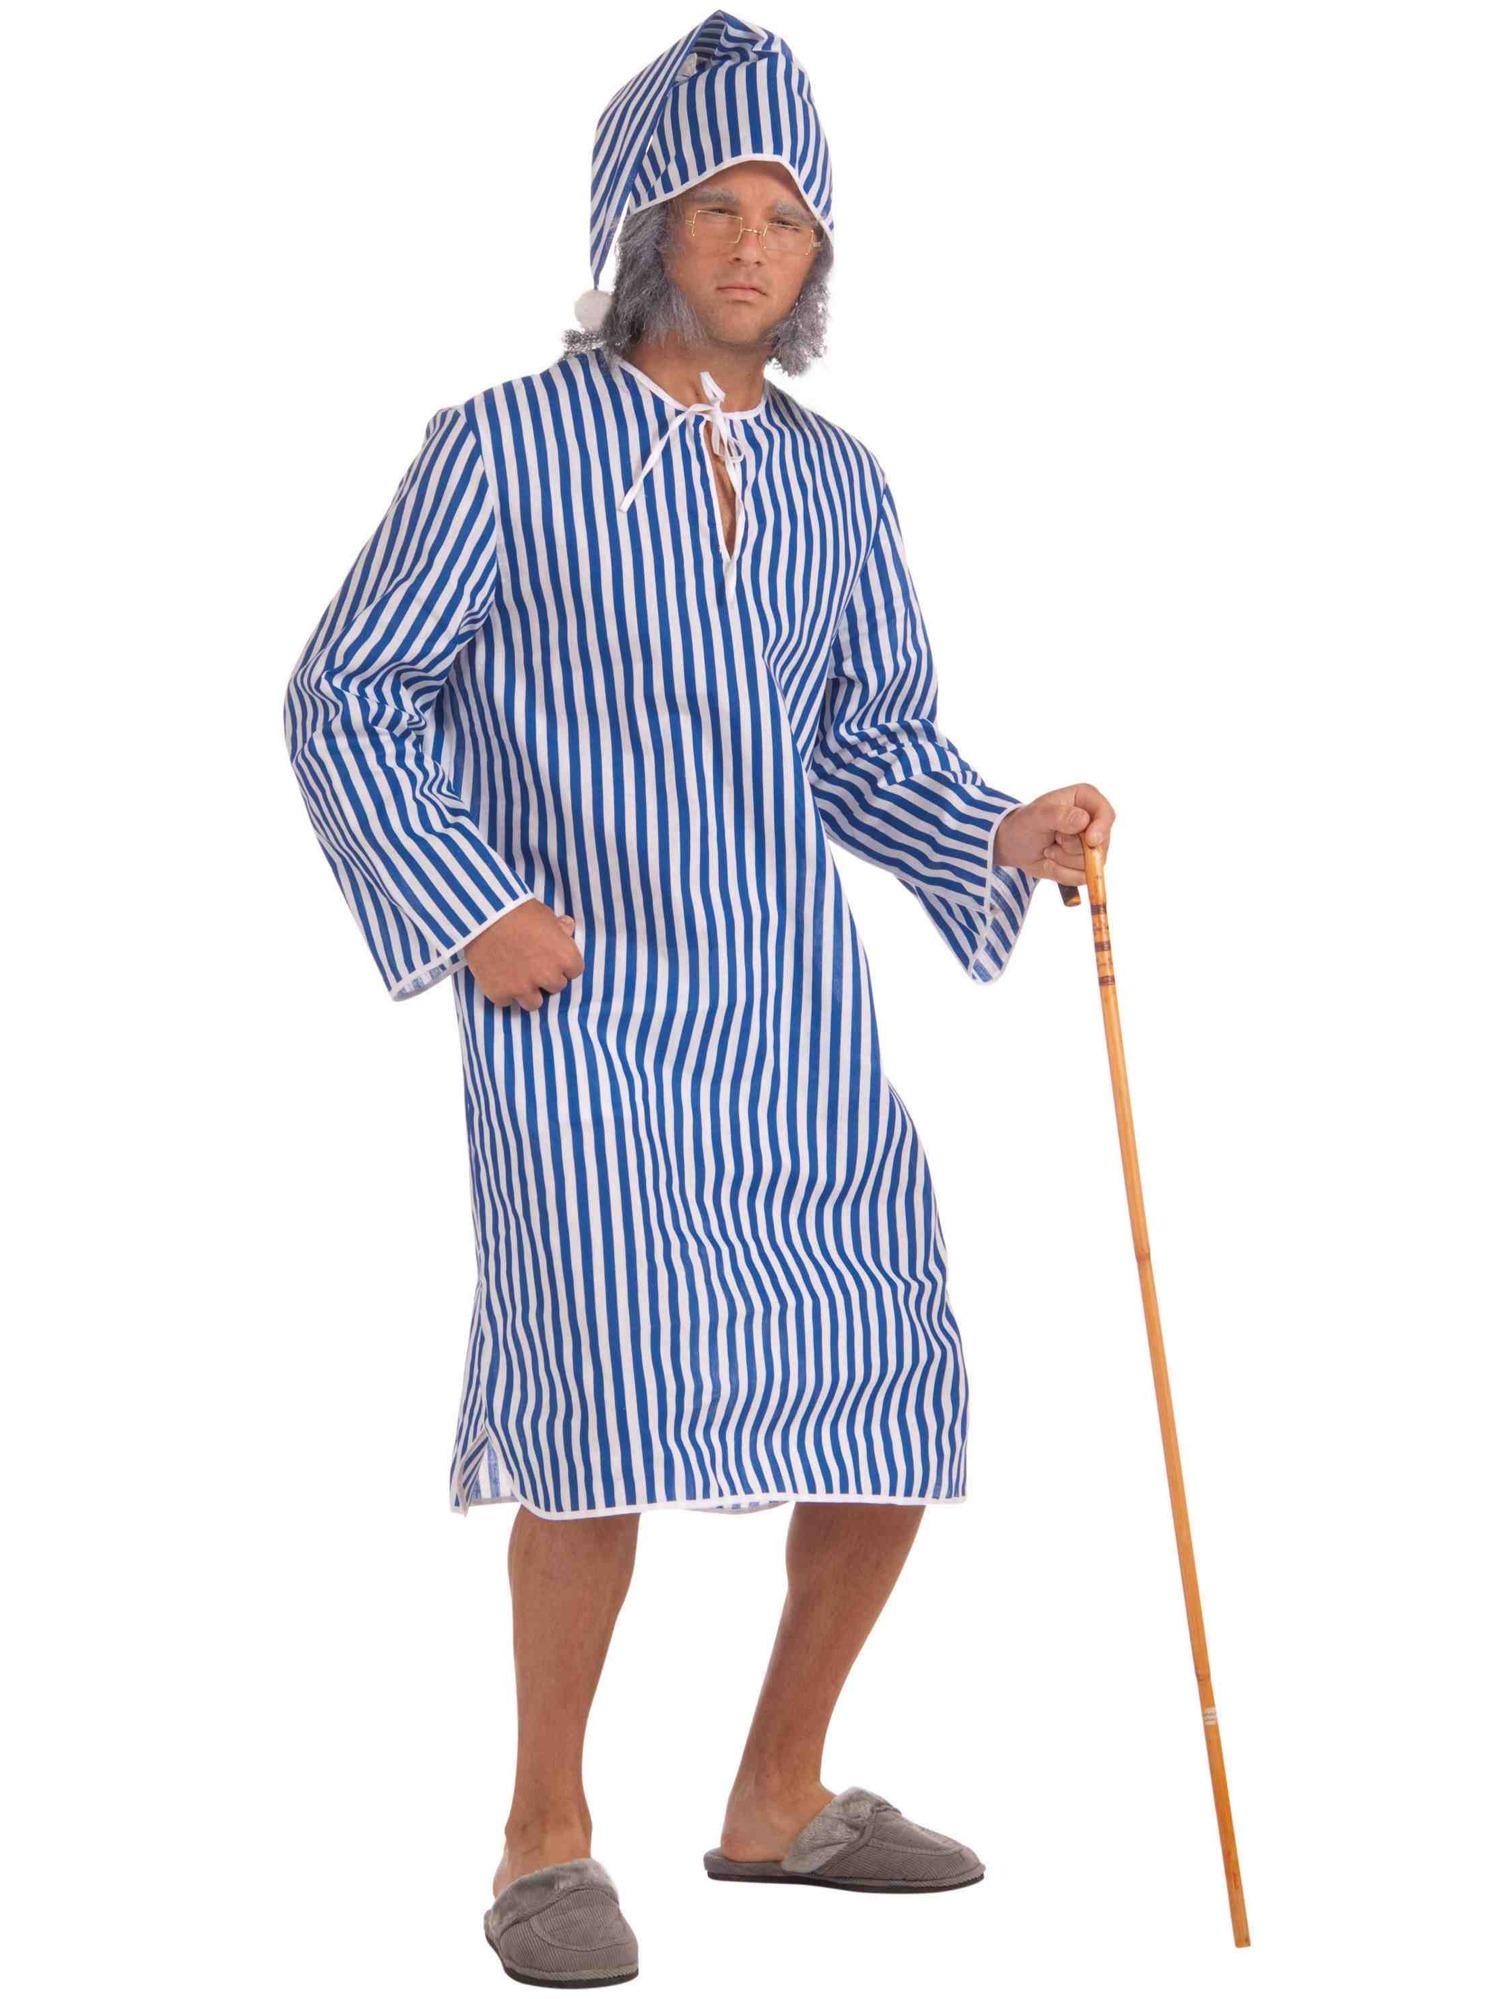 scrooges night before christmas carol nightshirt cap men costume std